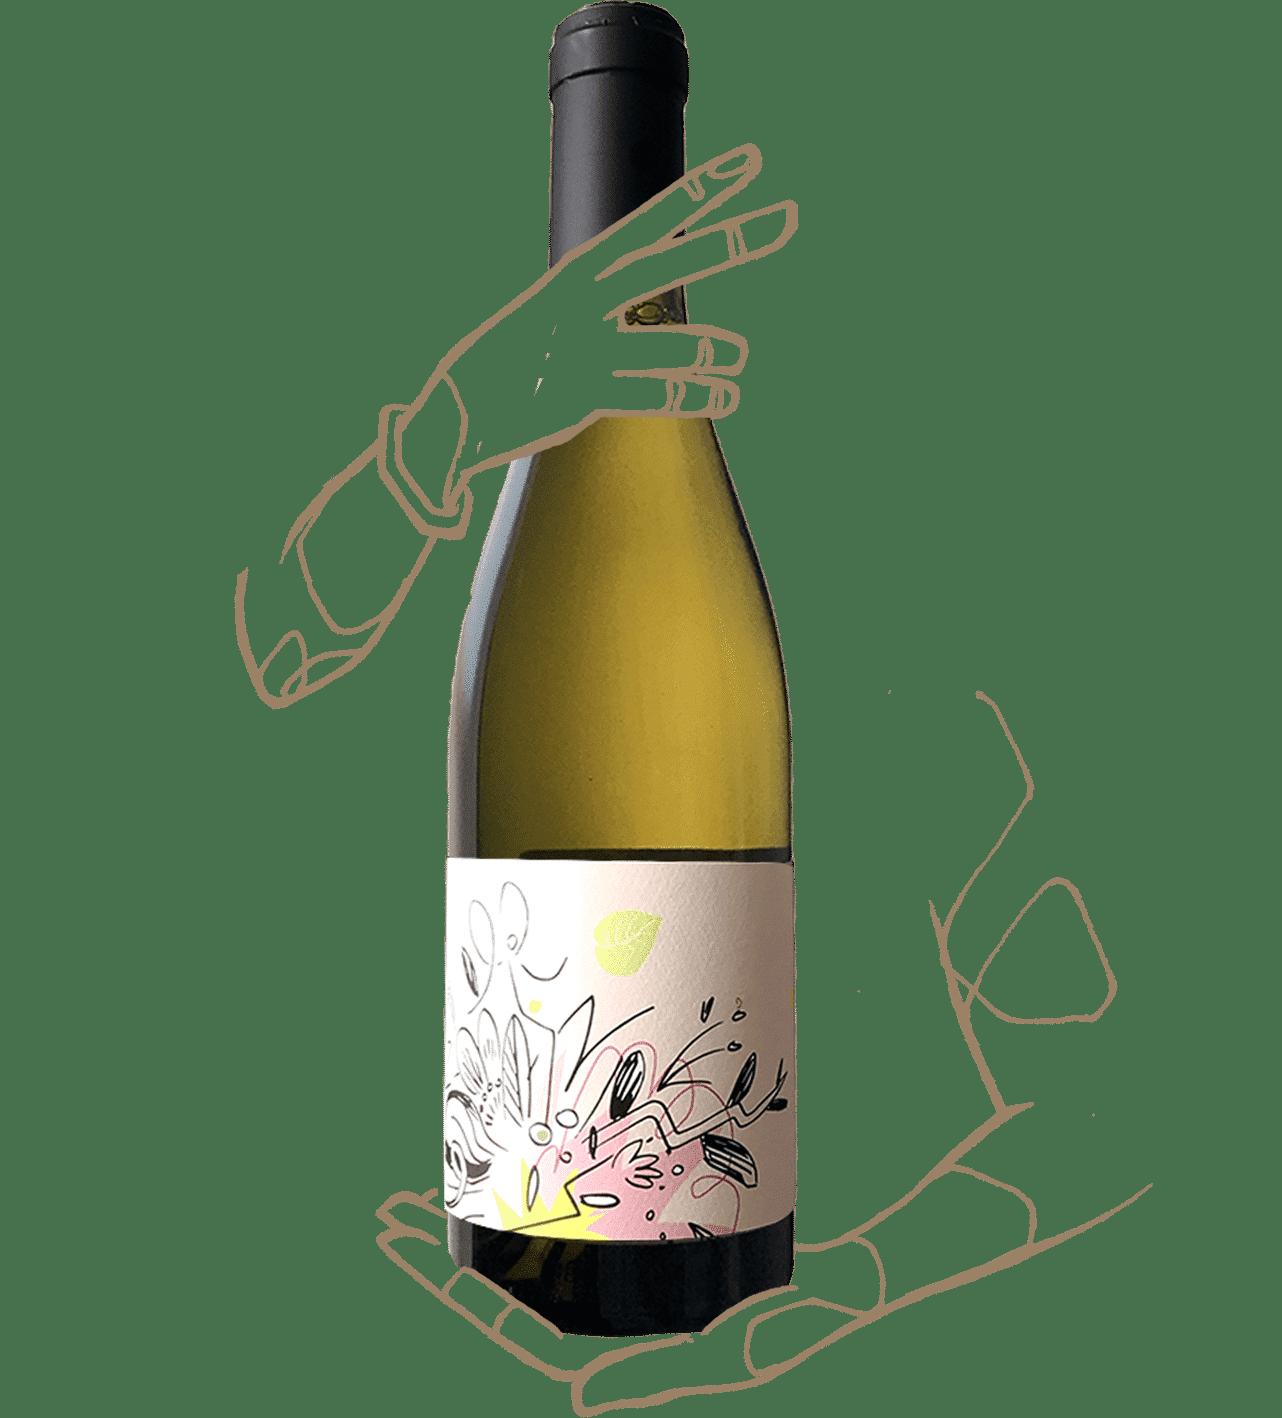 Bloom - Vin des Potes X Rémi Pouizin est un Vin naturel